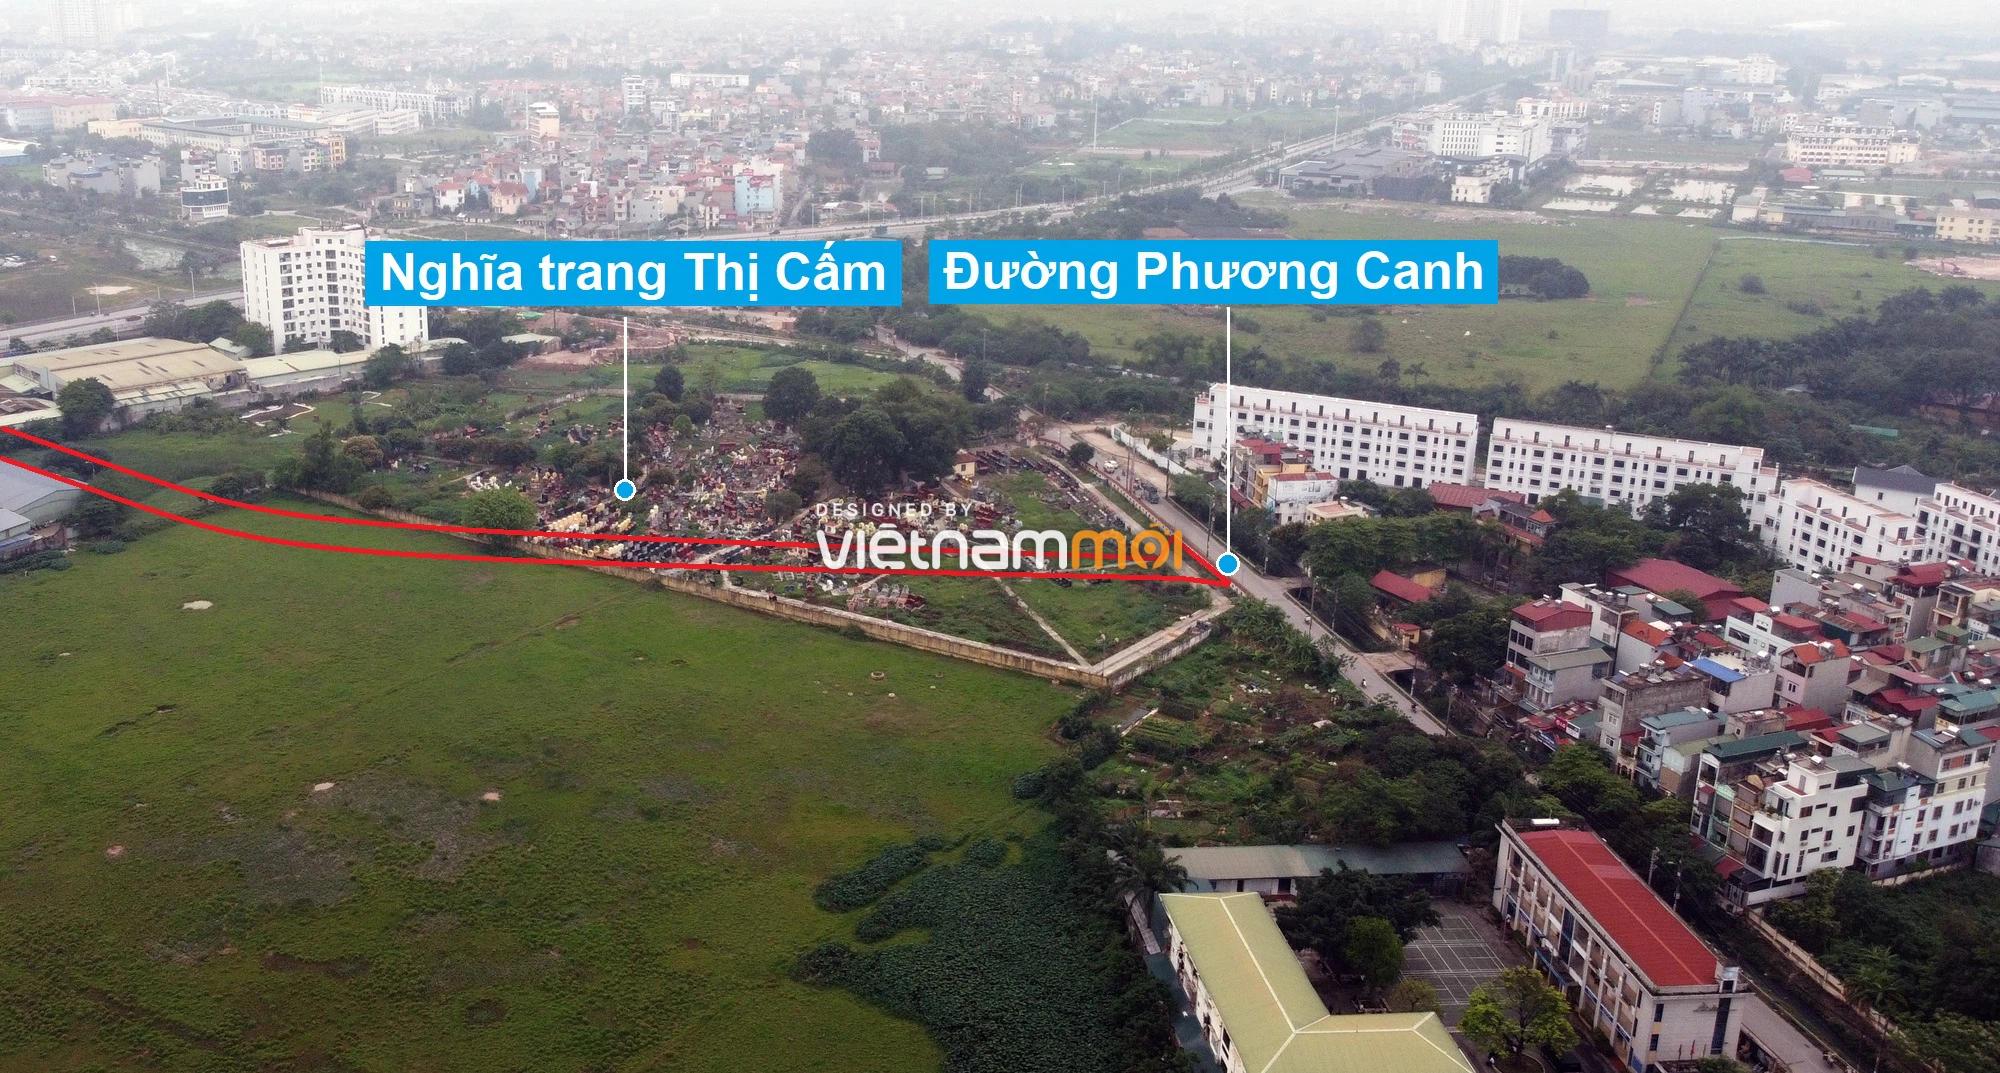 Những khu đất sắp thu hồi để mở đường ở phường Xuân Phương, Nam Từ Liêm, Hà Nội (phần 5) - Ảnh 3.